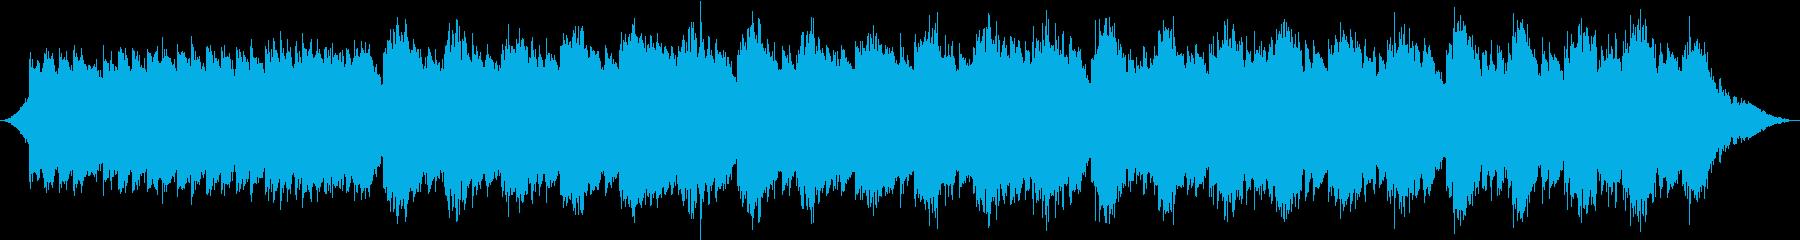 水の音が放つ1/fゆらぎの再生済みの波形